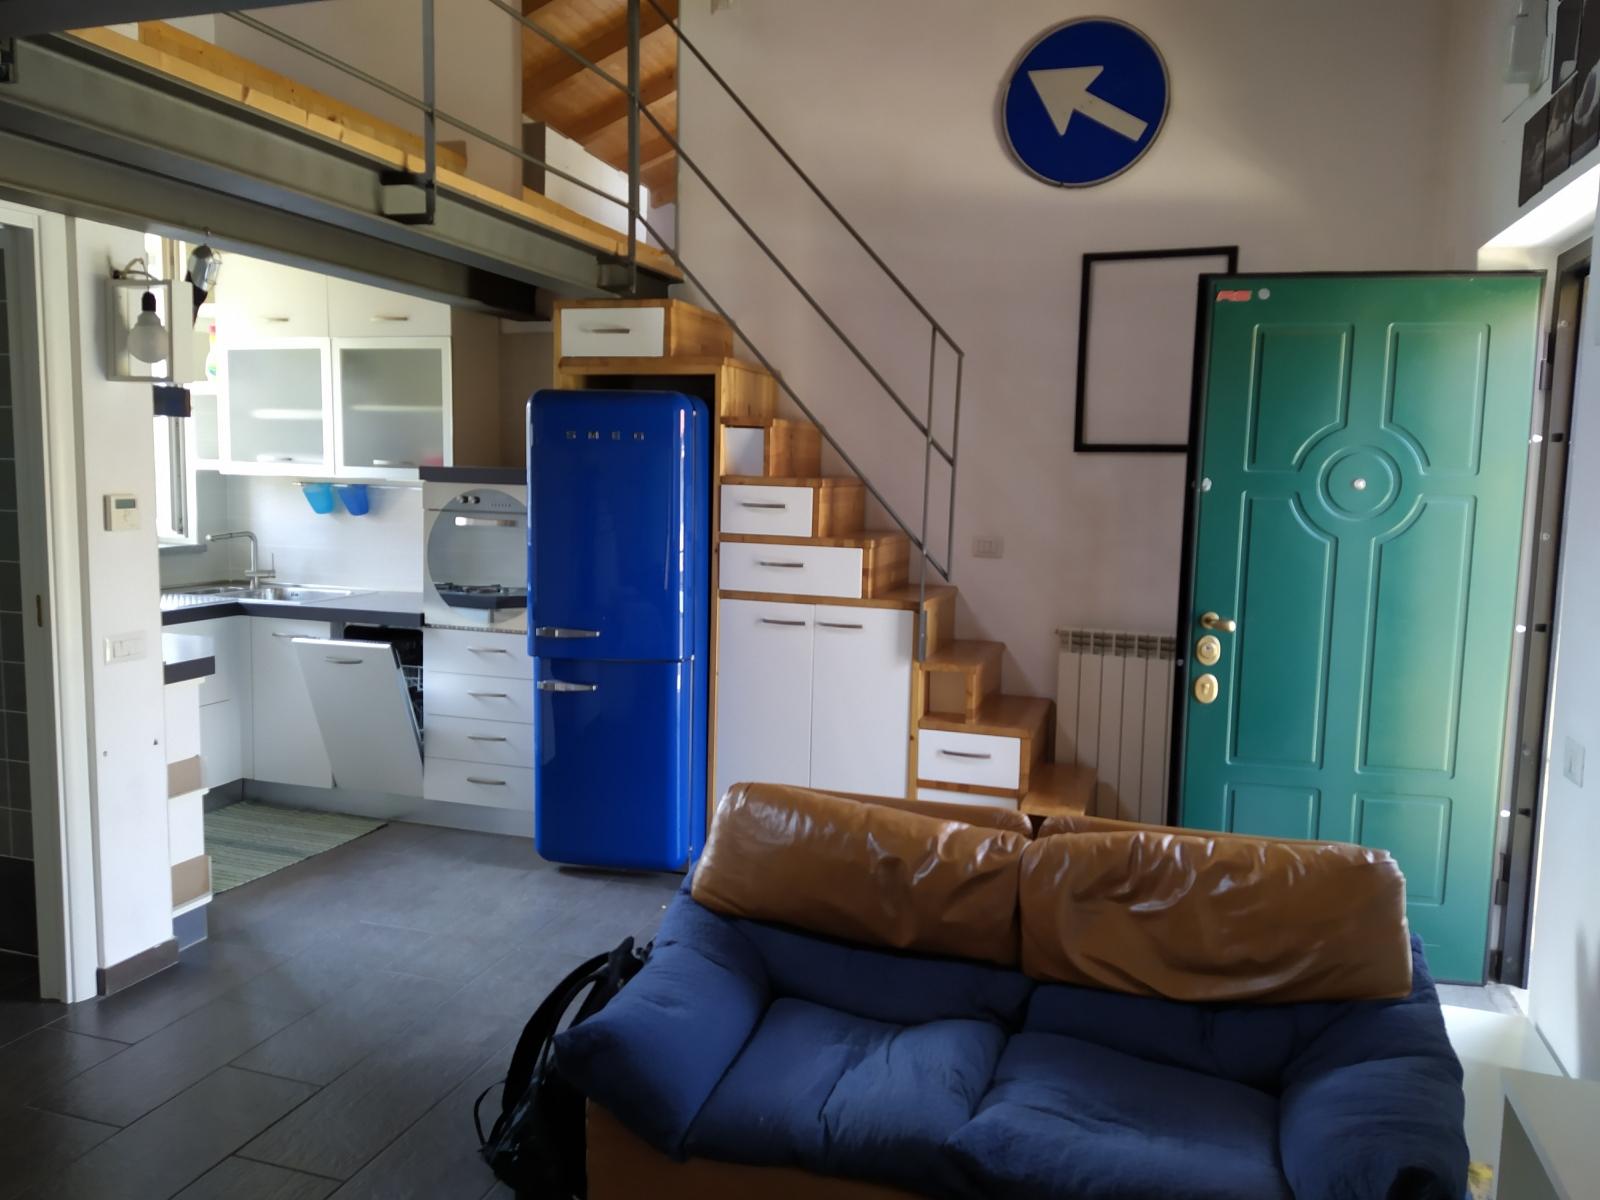 appartamento-in-vendita-milano-baggio-bilocale-spaziourbano-immobiliare-vende-7